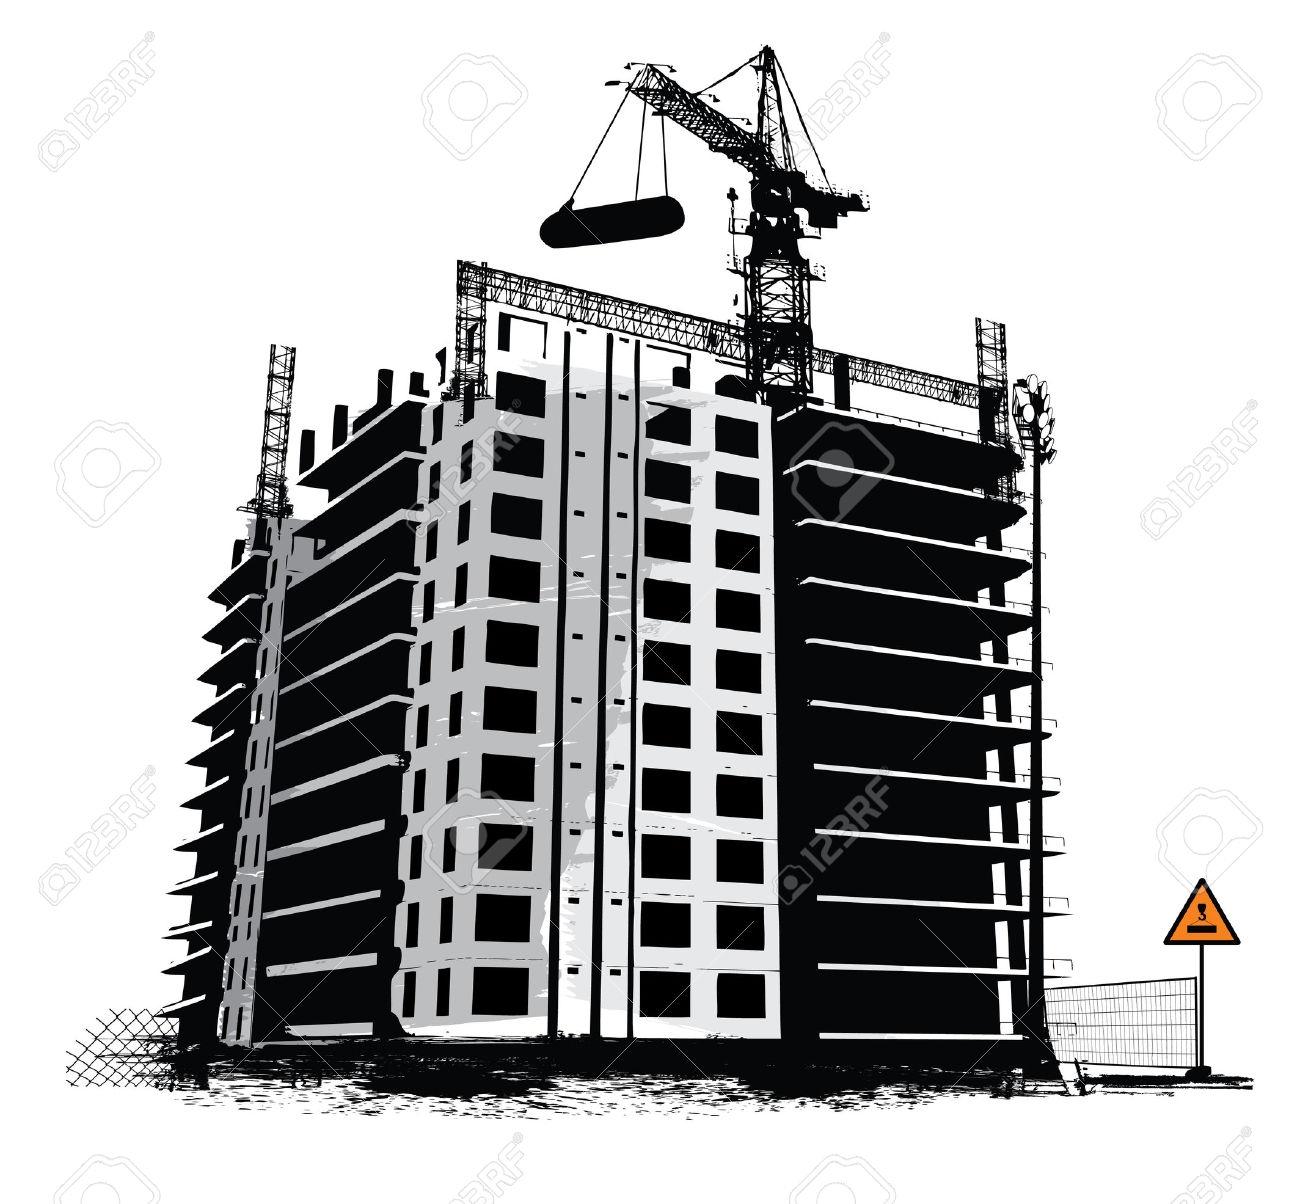 Building construction site clipart. Clipartfest work